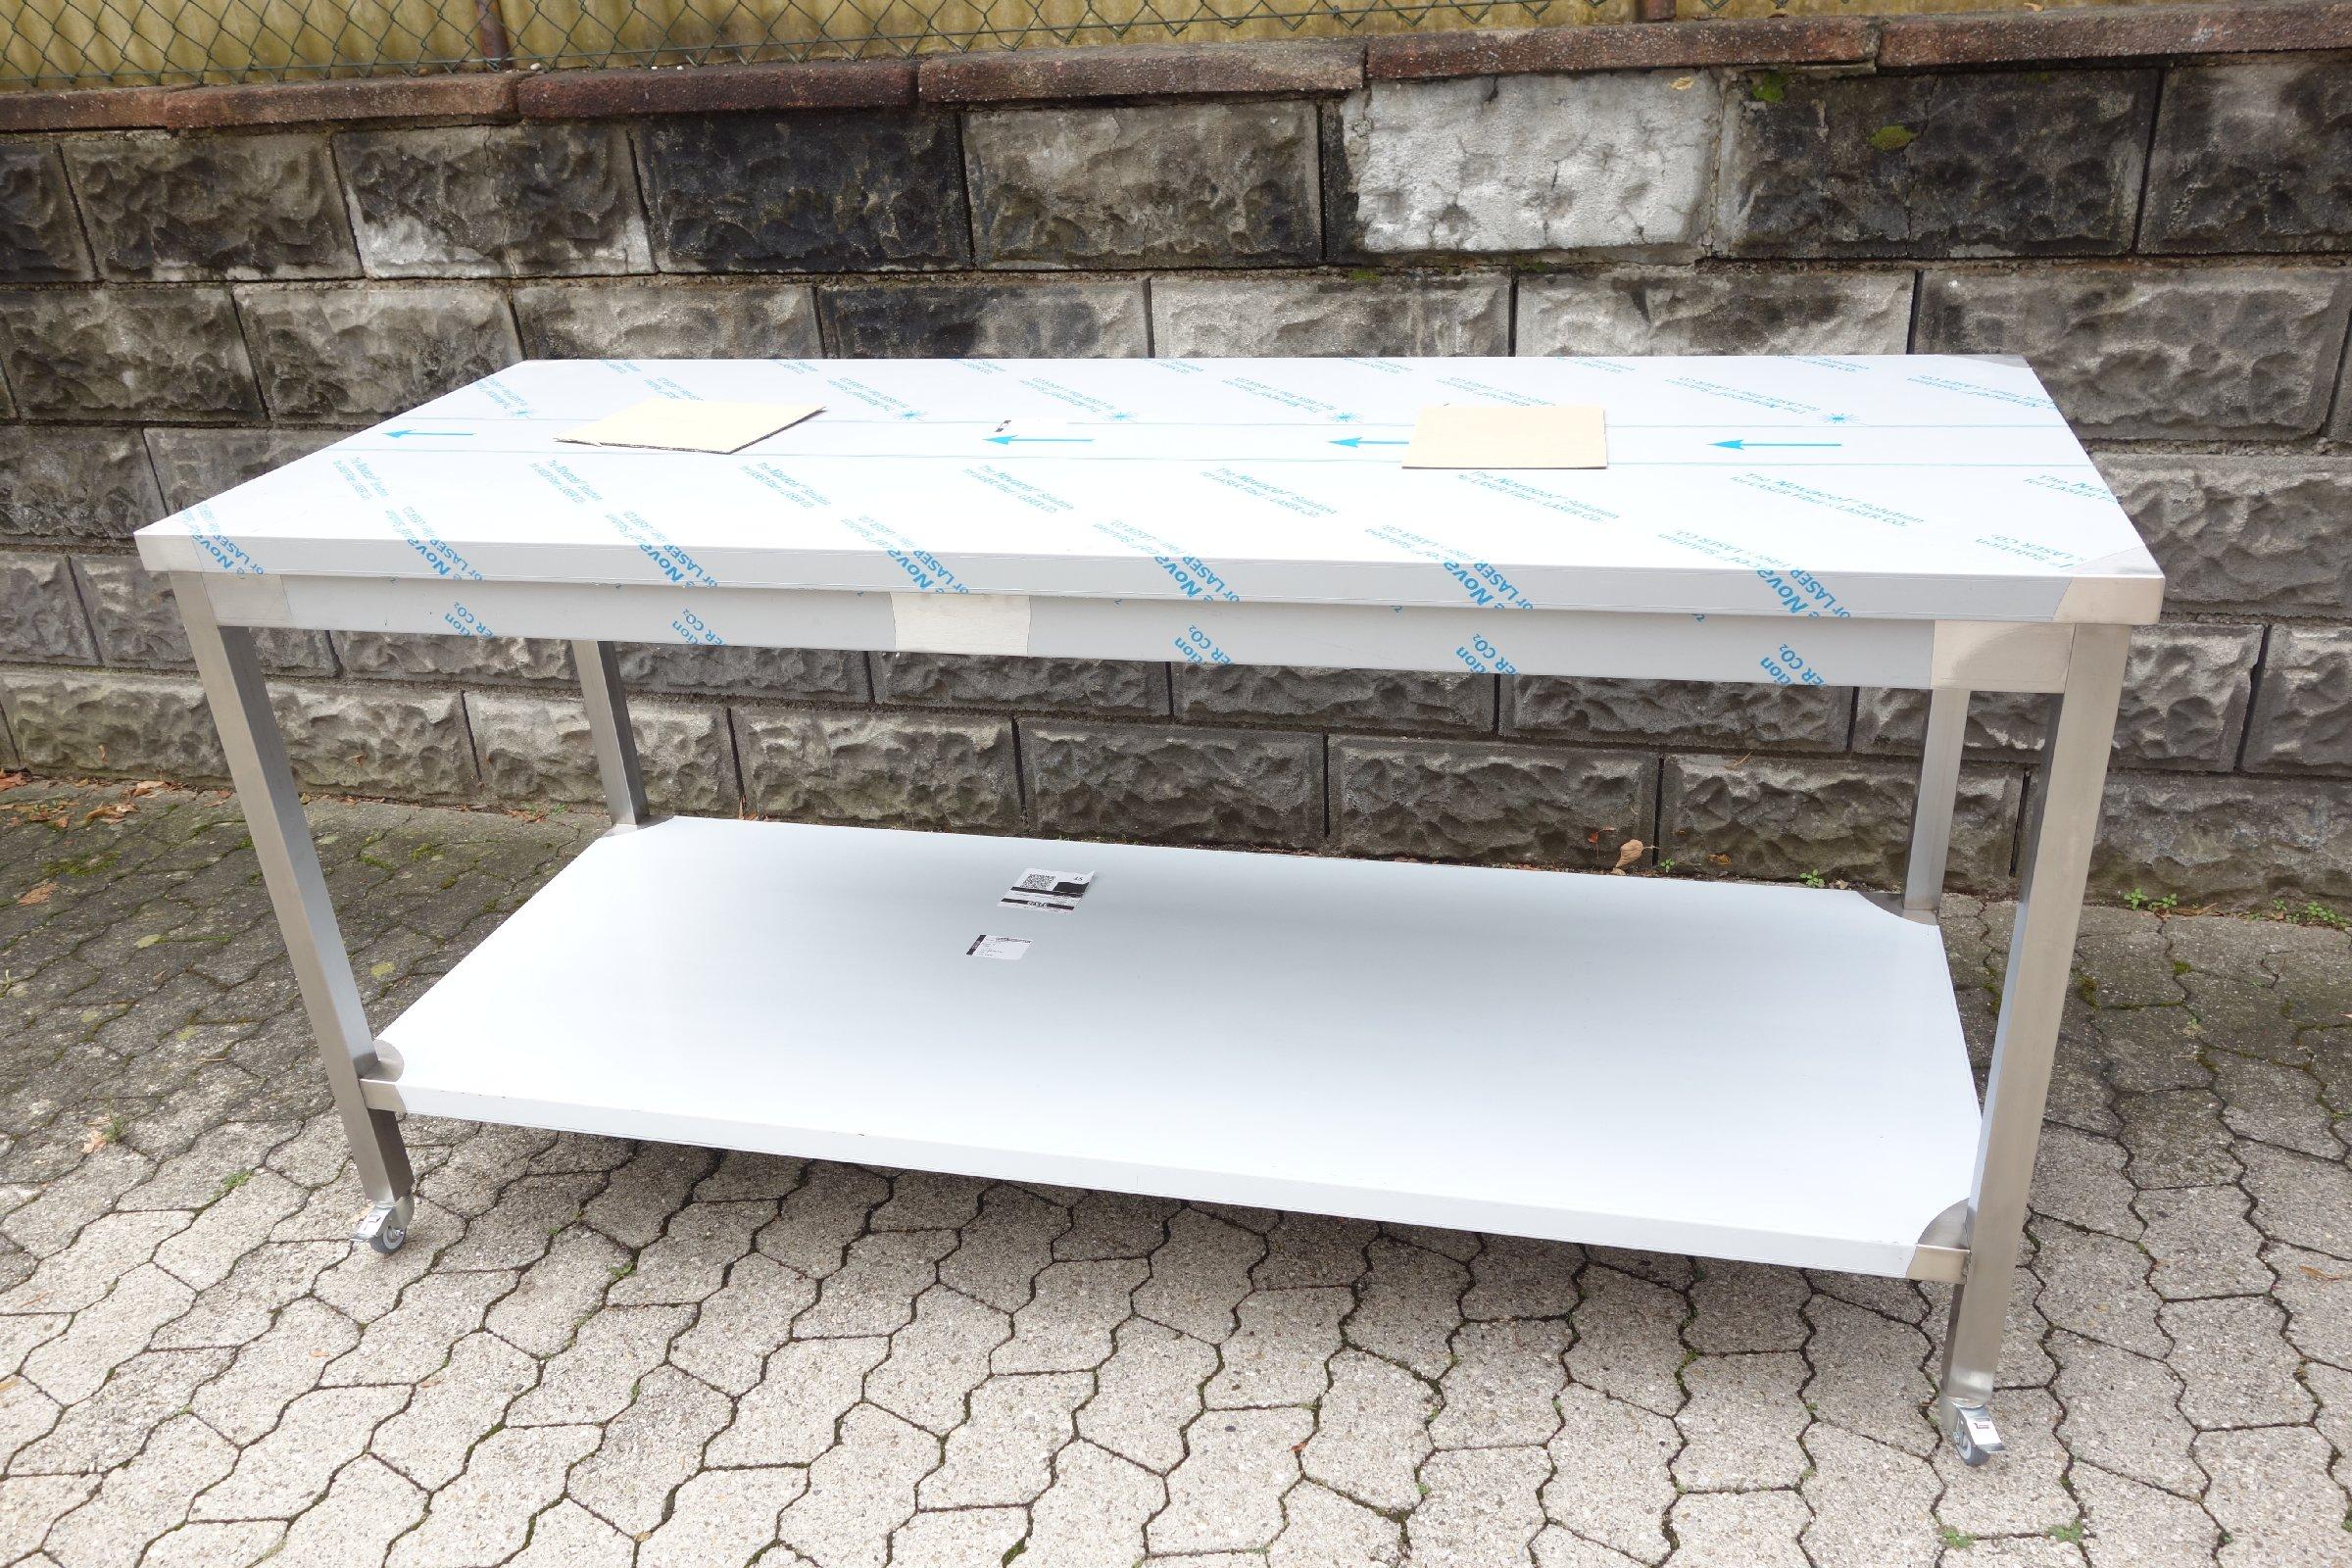 arbeitstisch mit rollen edelstahltisch tisch edelstahl gastro beistelltidch neu ebay. Black Bedroom Furniture Sets. Home Design Ideas